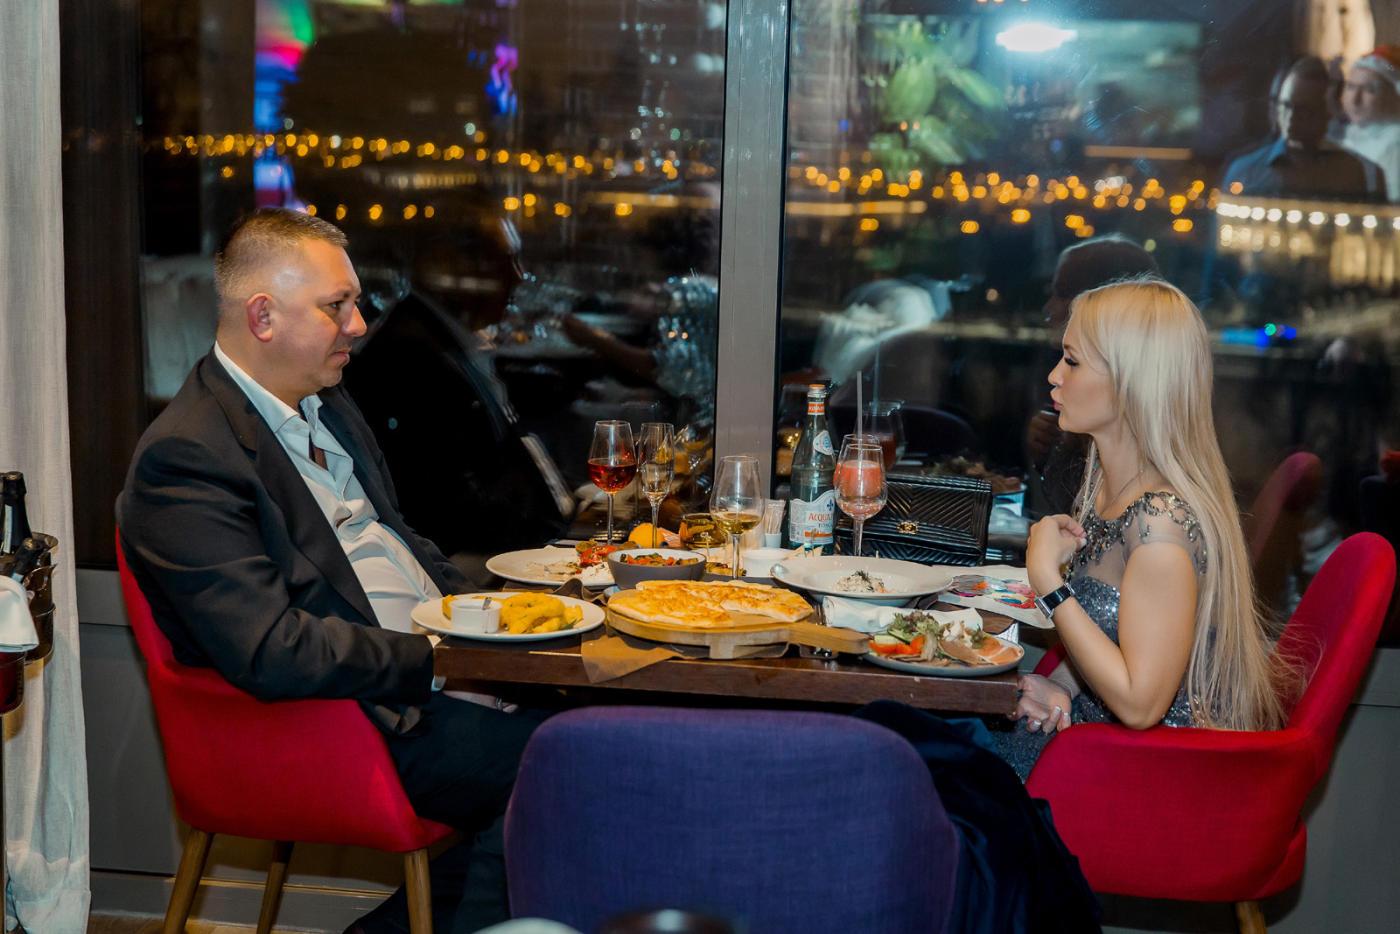 Панорамный Ресторан Трамплин на Воробьевых Горах фото 86